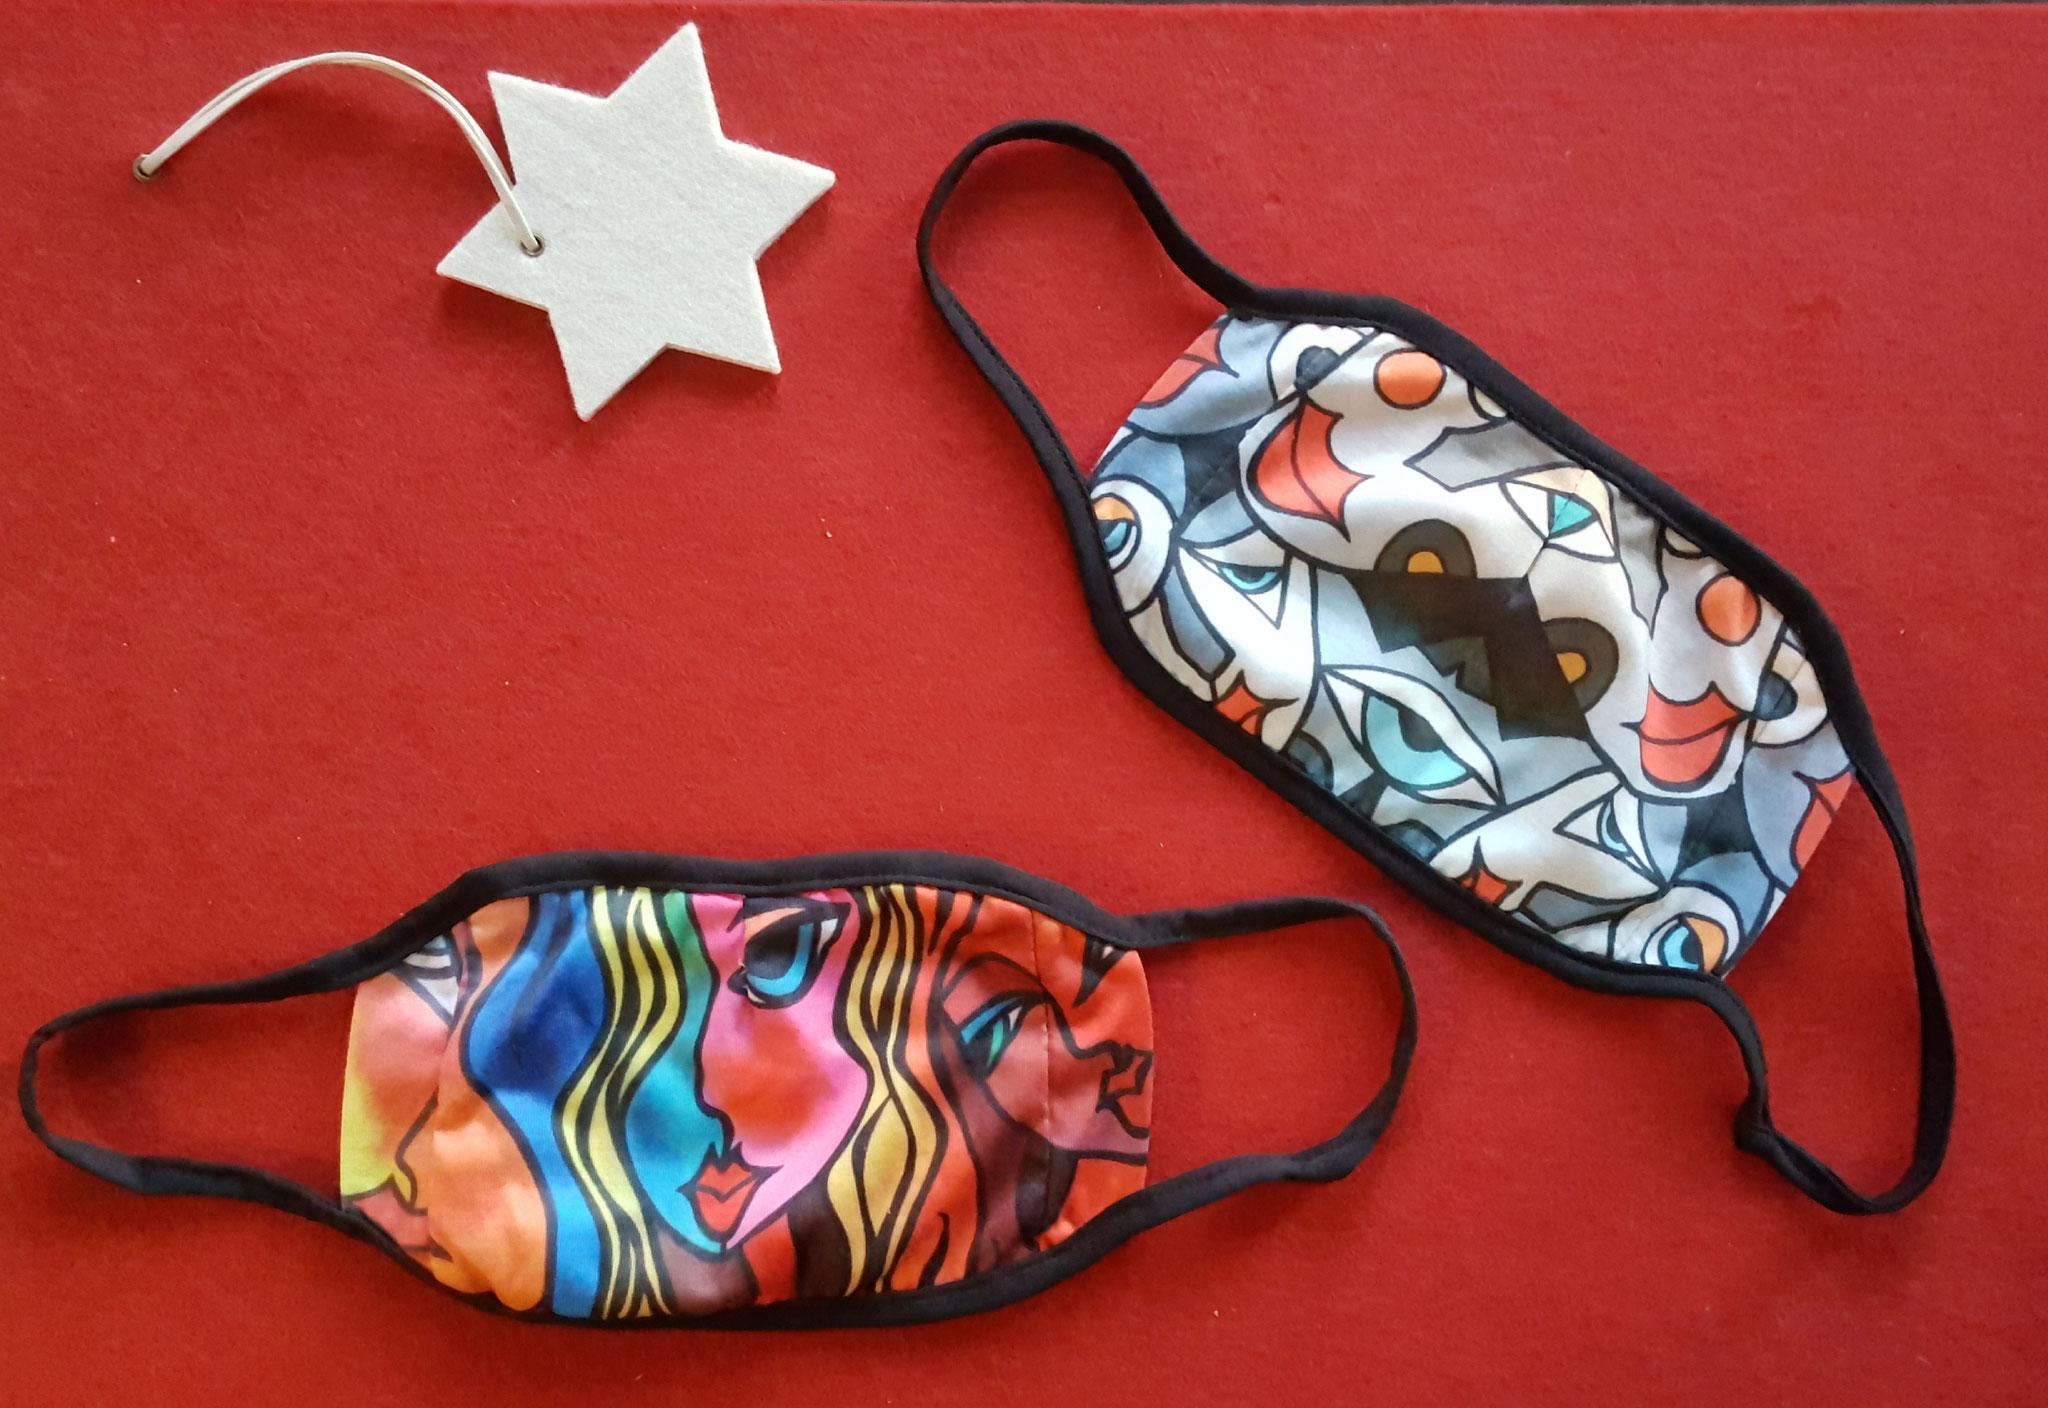 21.12., Die ART-Masken, Kult-Objekte für die Mitfinanzierung der KMP-Ausstellungen über den KMP-Shop, zur Verfügung gestellt von unserem Partner und Künstler Uli Fischer, Uli-Art-Design, A35